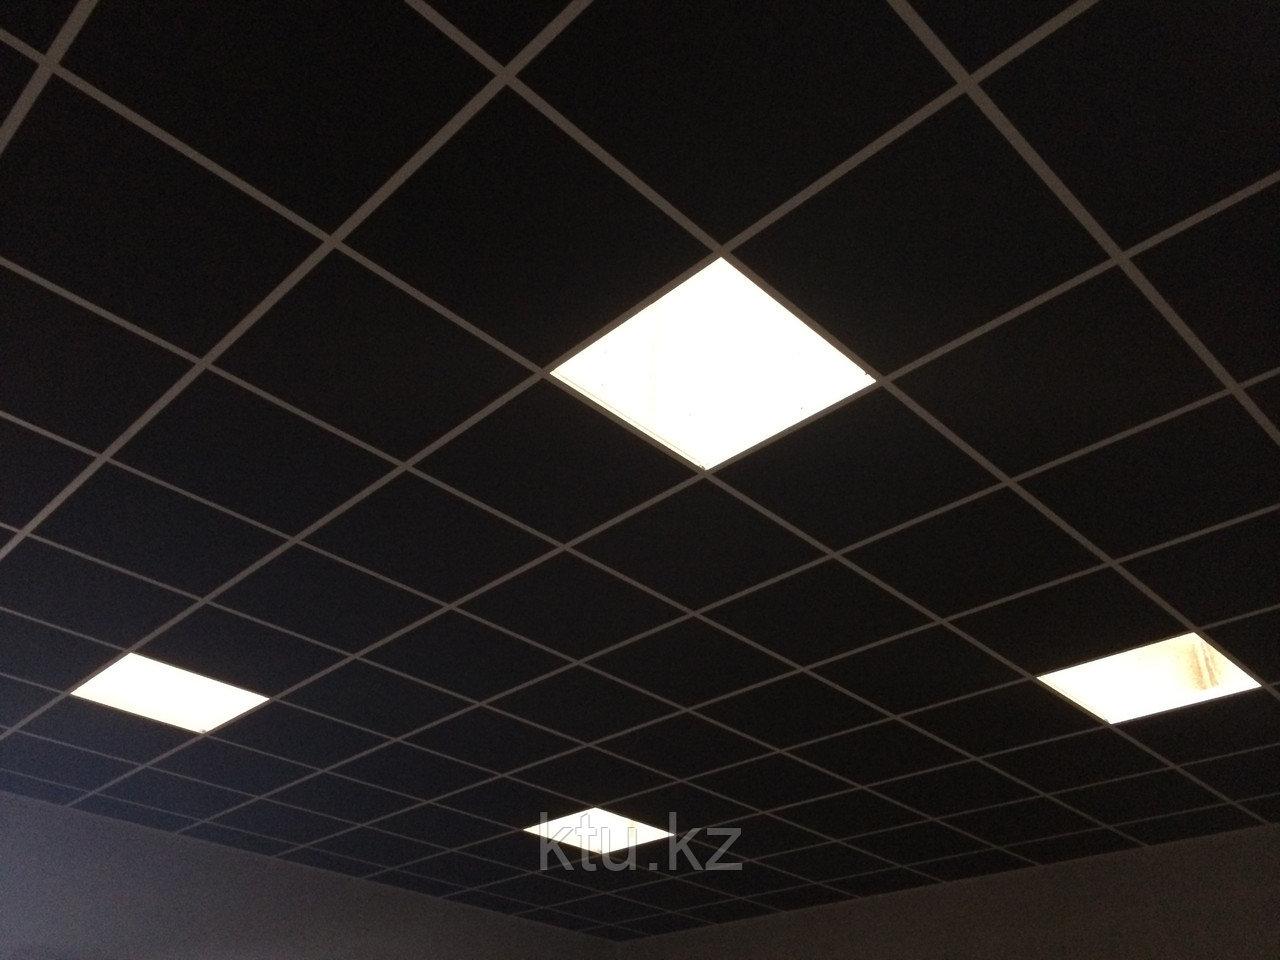 Подвесной потолок Rockfon Industrial Black BF (Черный)